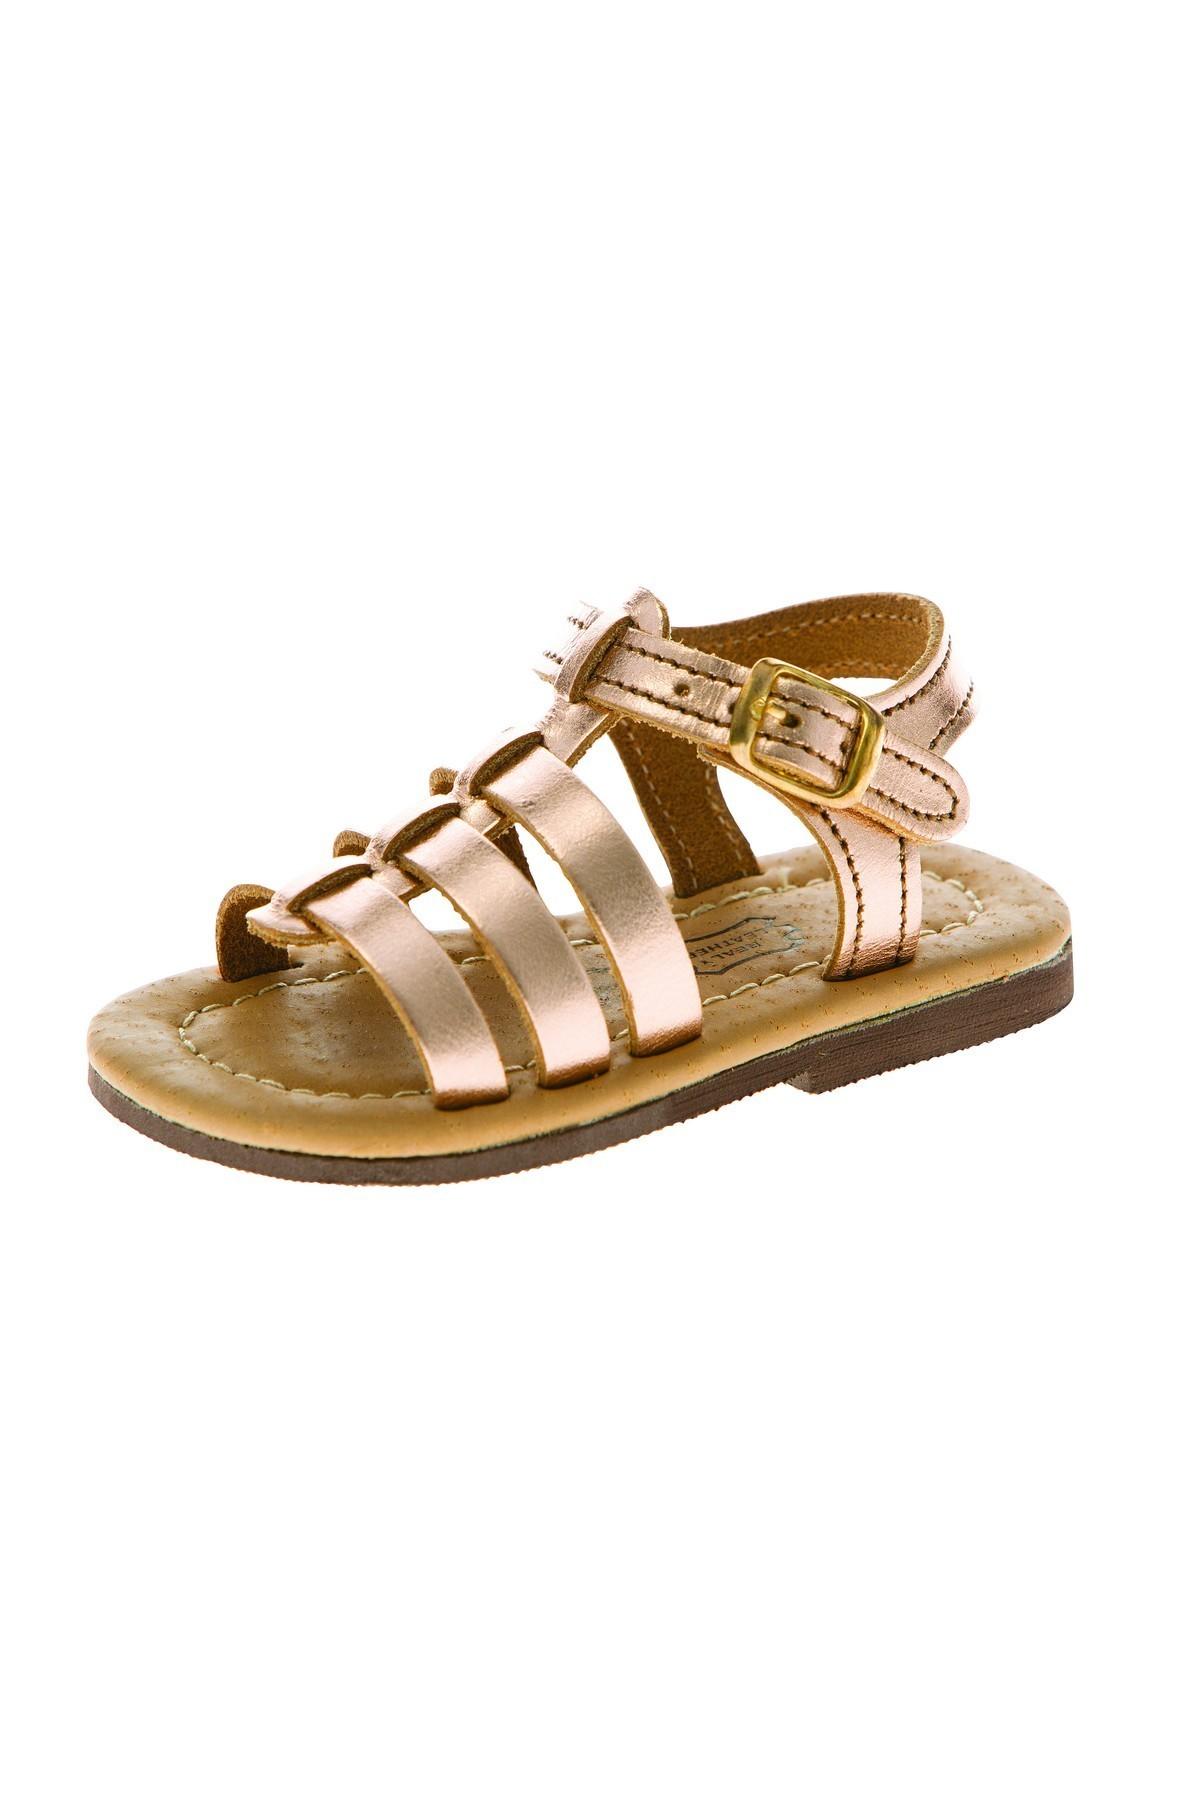 Πέδιλο gladiator ροζ χρυσό